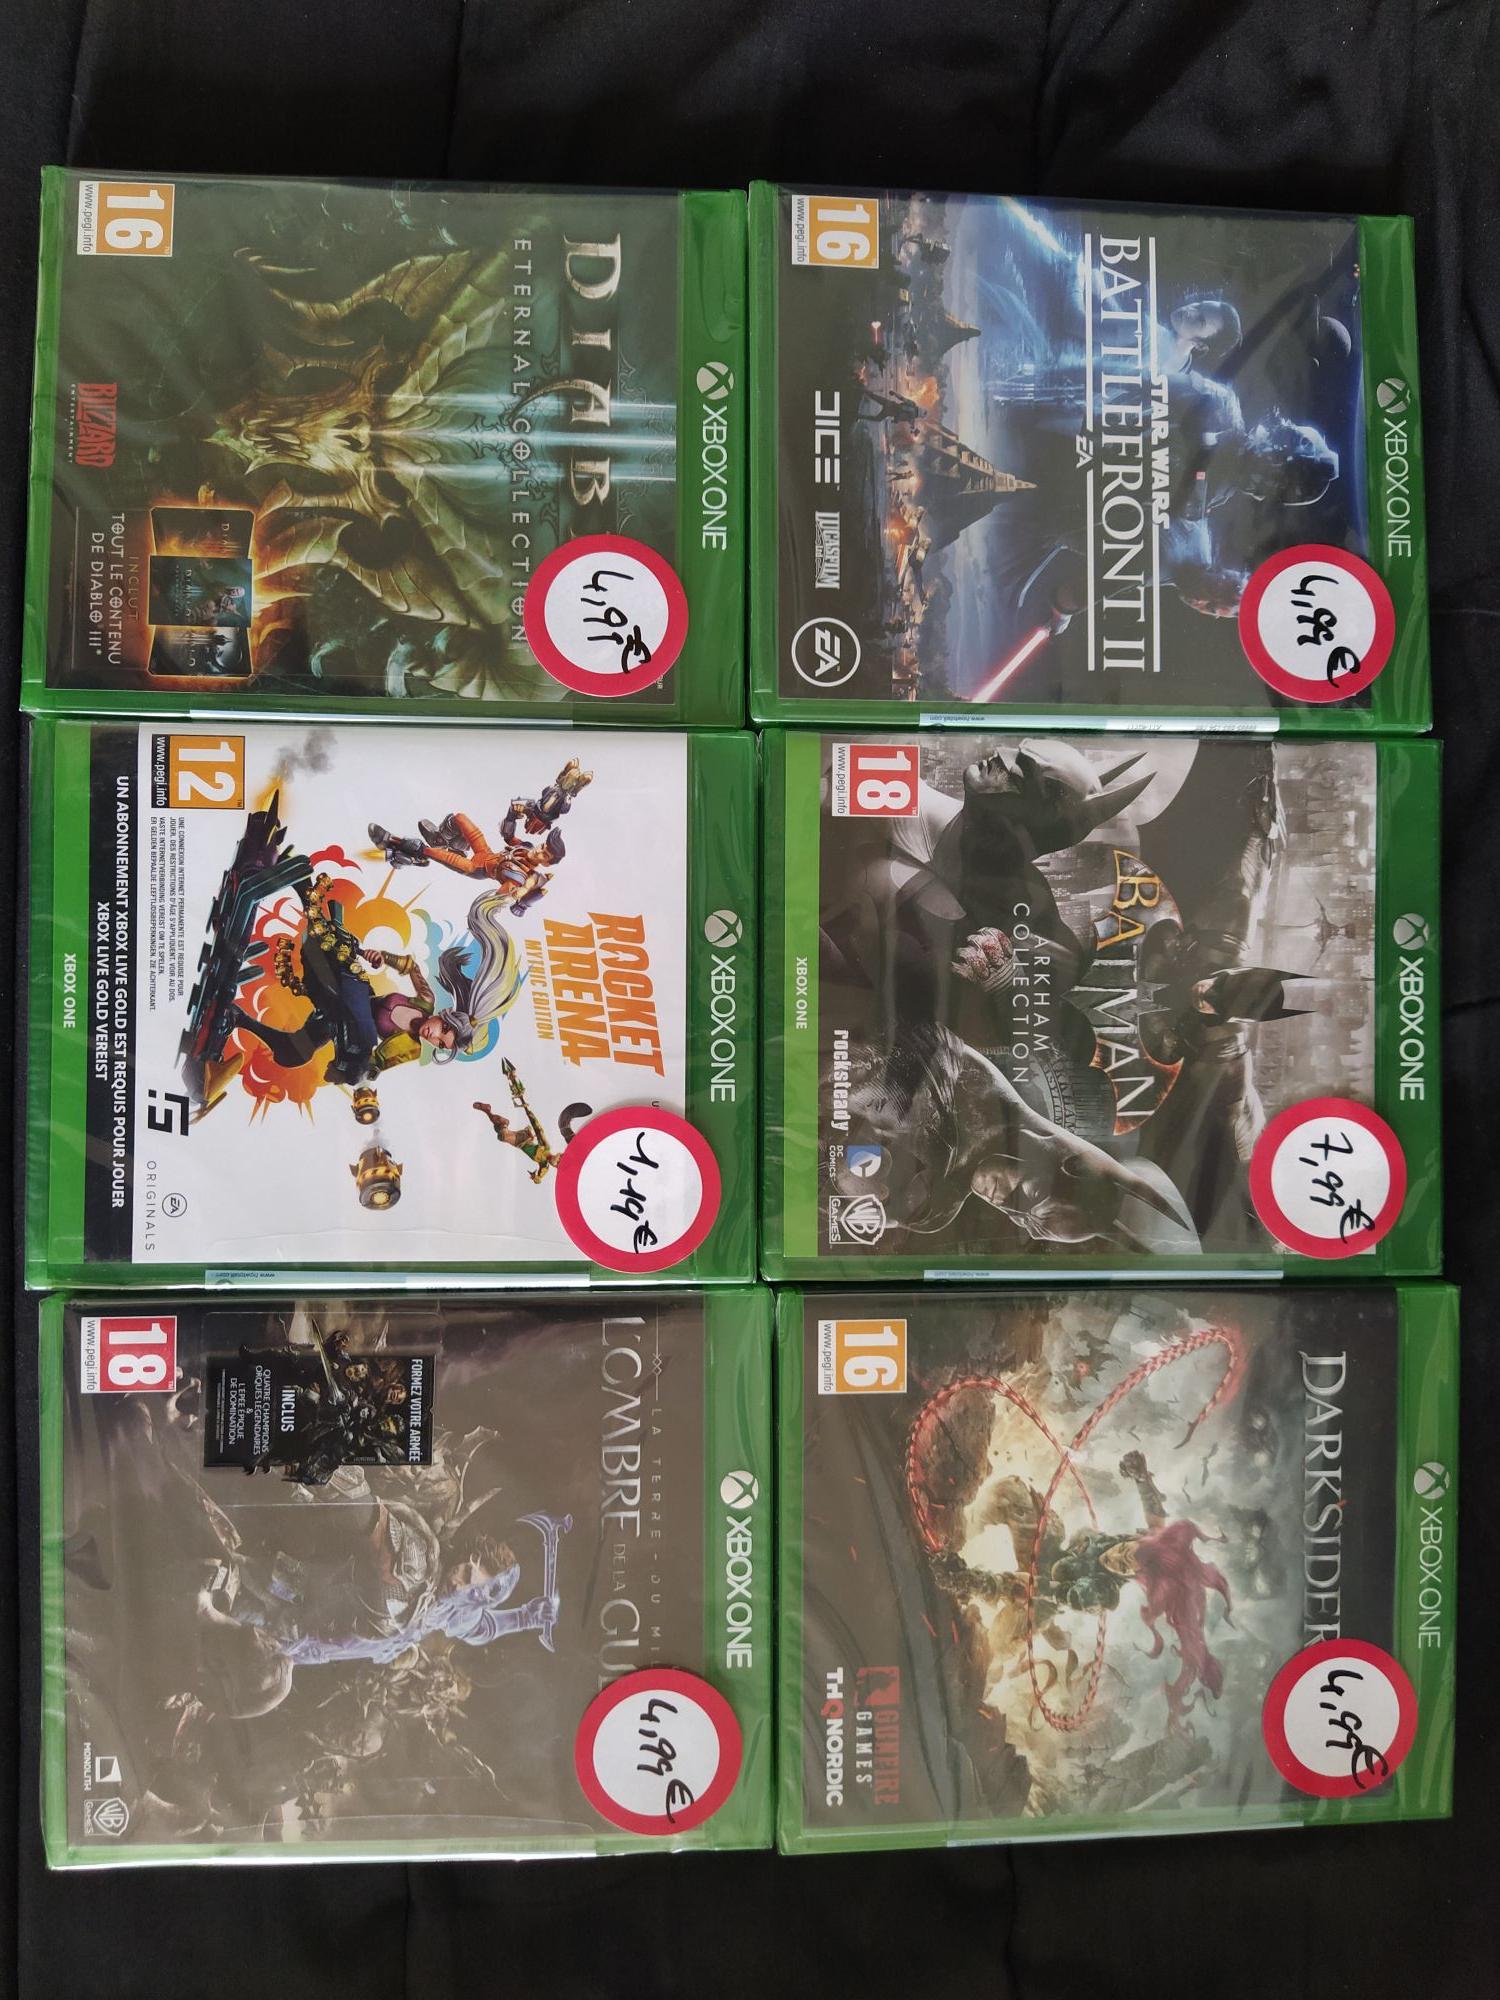 Sélection de jeux vidéo sur Xbox One en promotion - Ex : Diablo 3 éternal collection - Villebon-sur-Yvette (91)